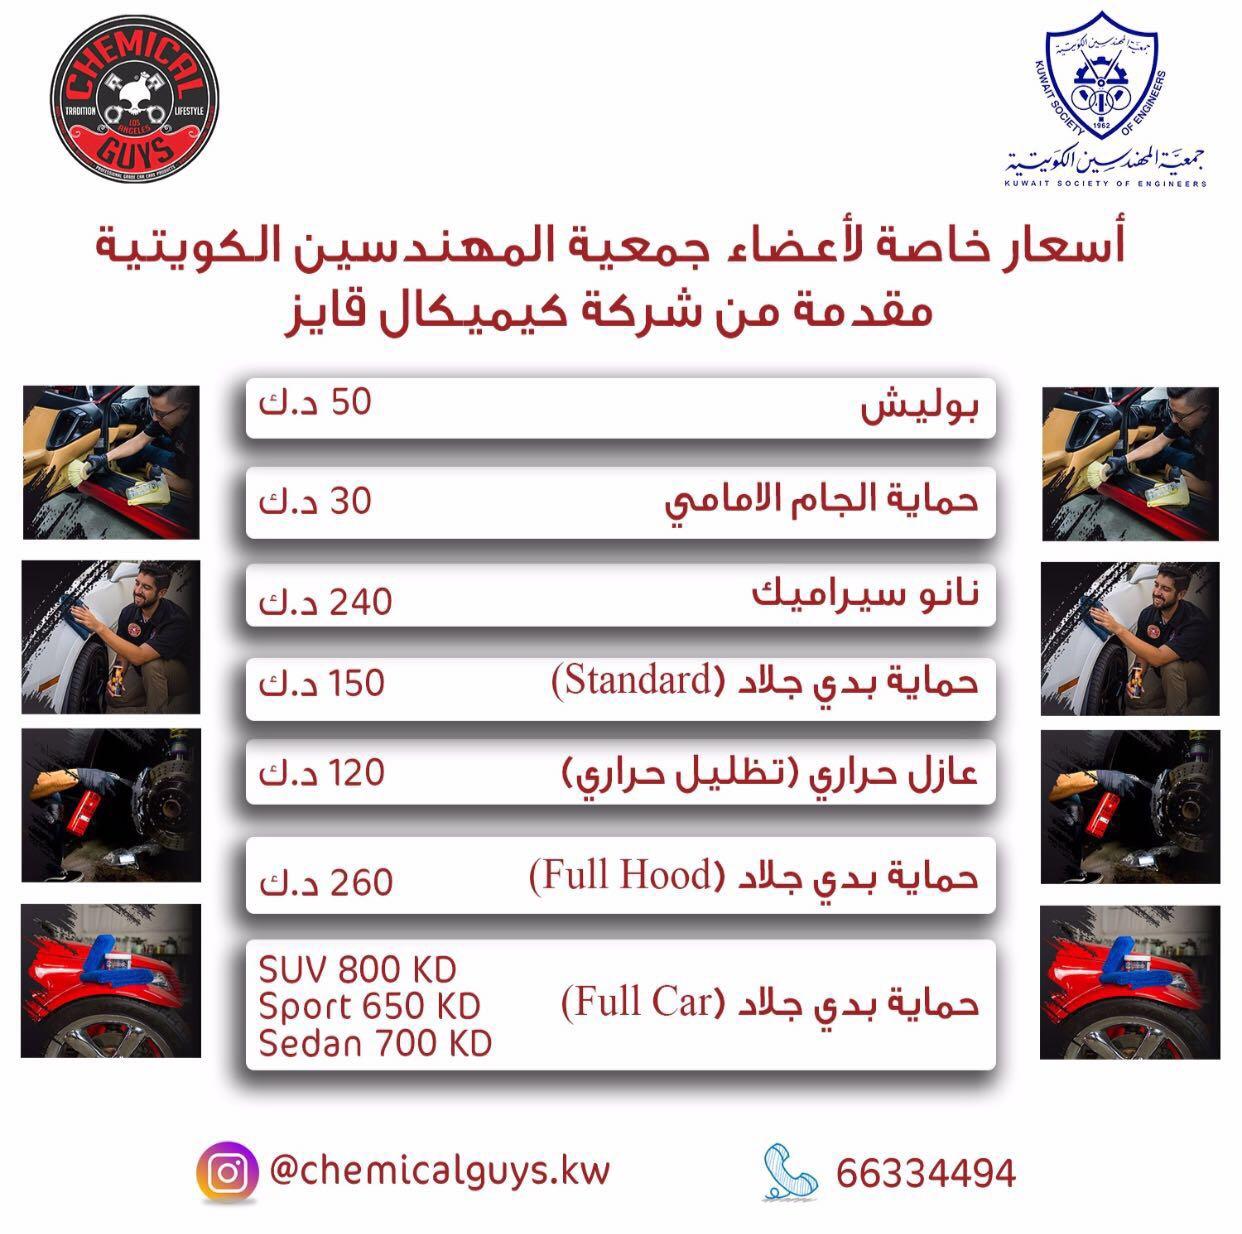 أسعار خاصة لأعضاء جمعية المهندسين الكويتية مقدمة من شركة كيميكال قايز